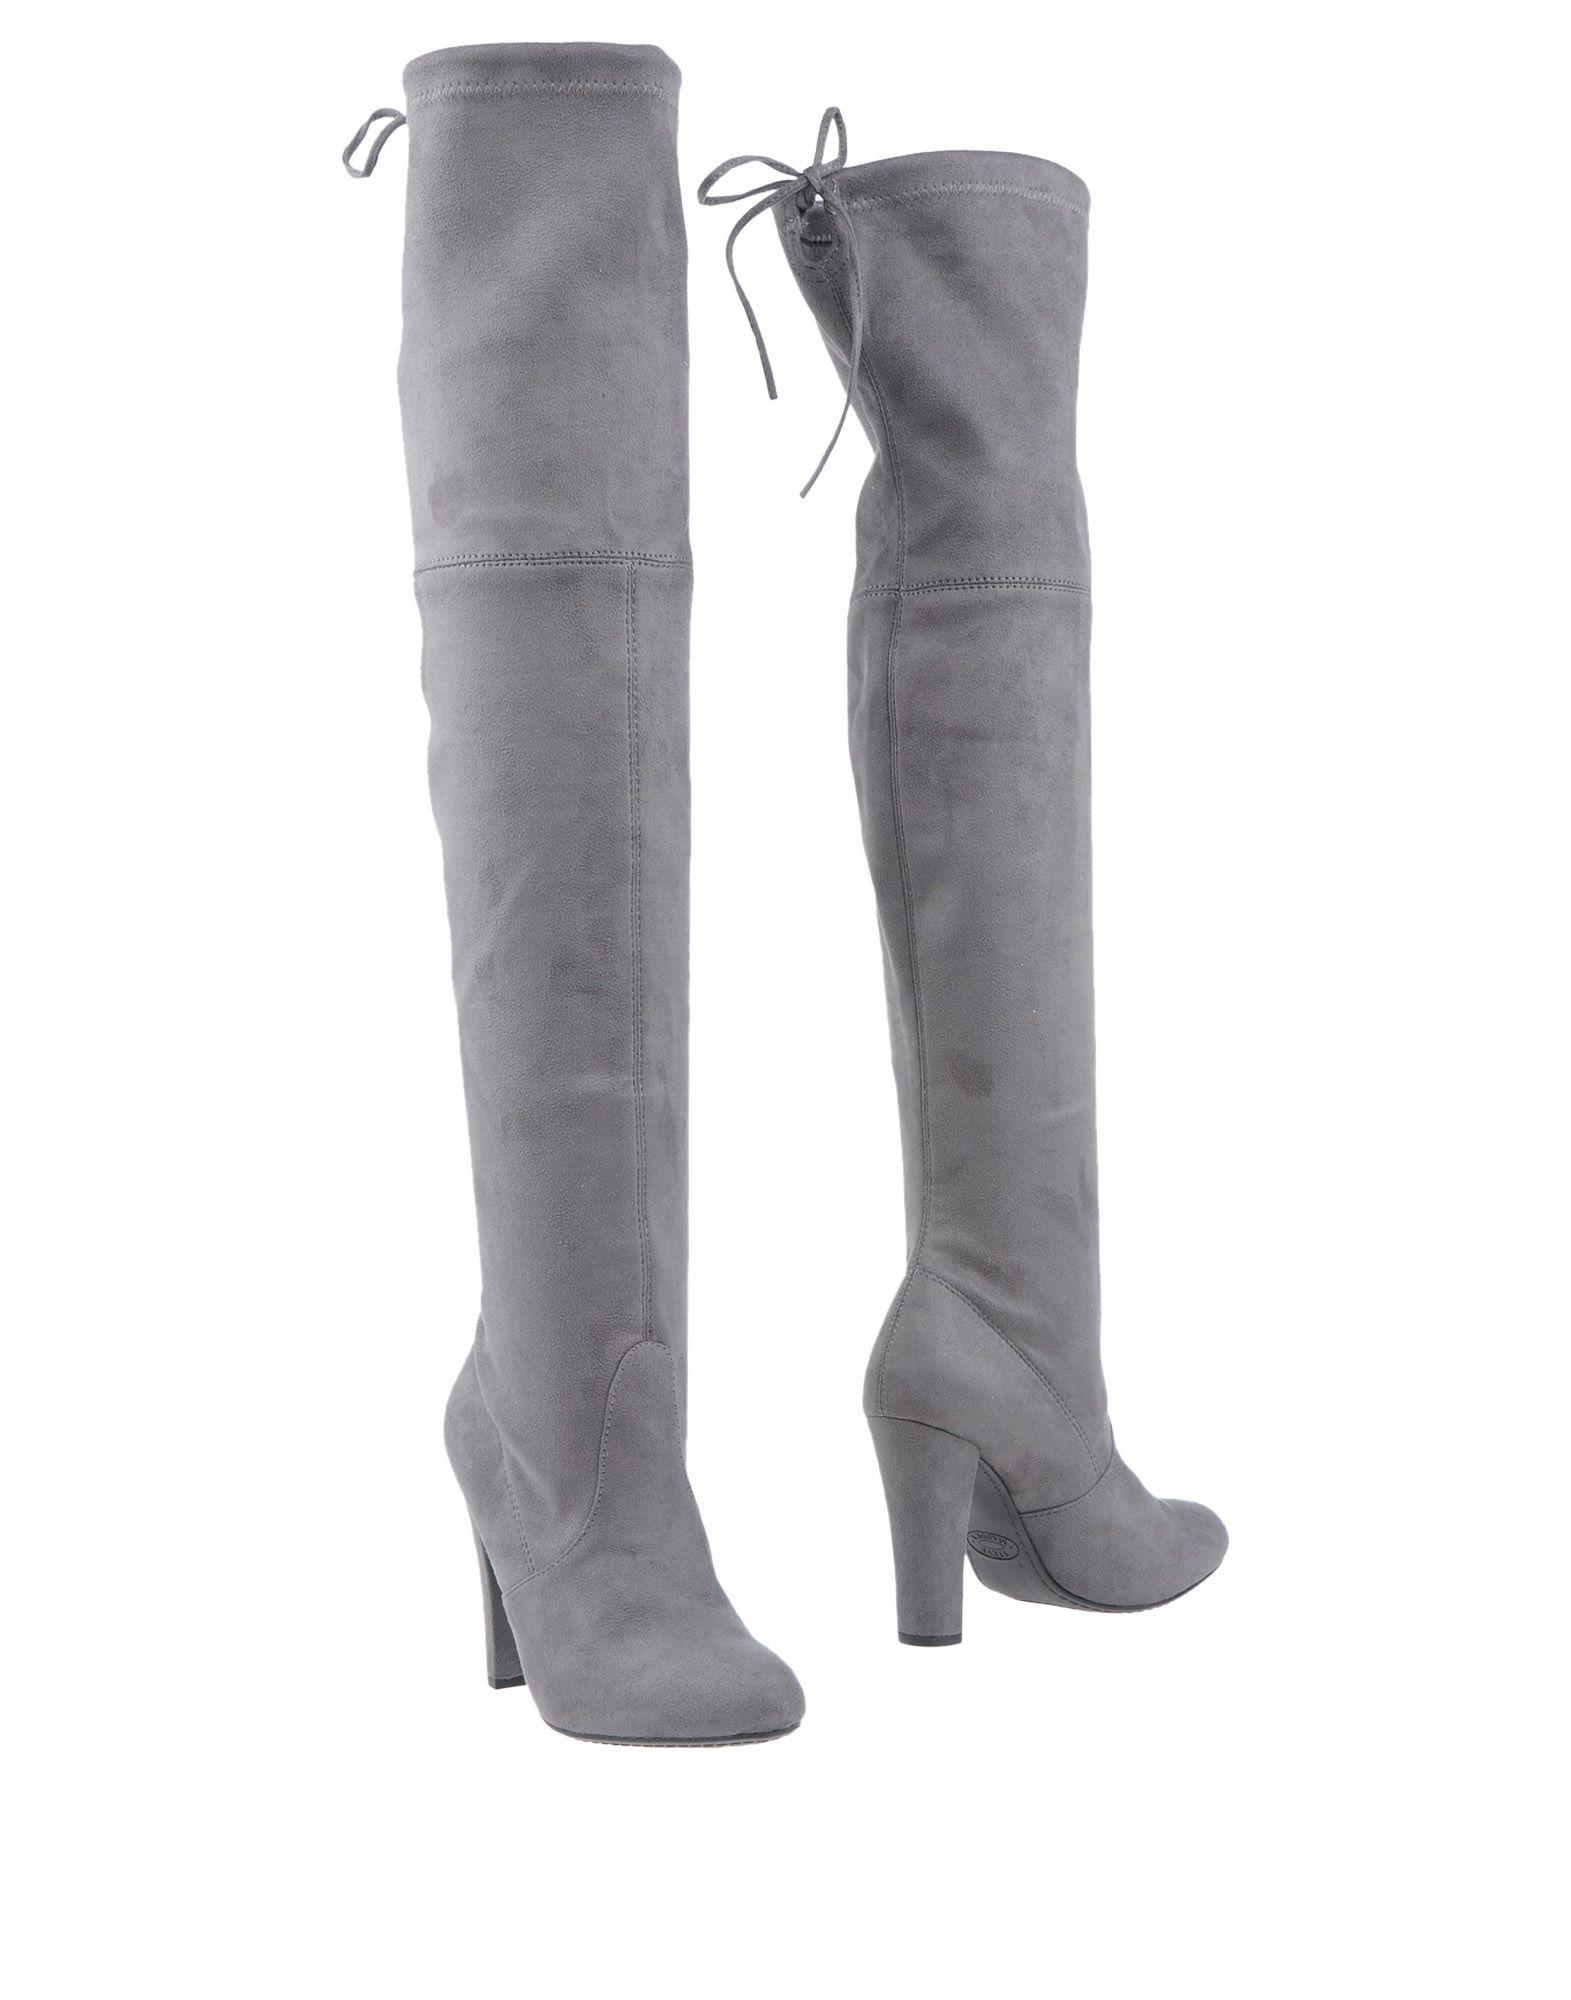 Steve Madden Stiefel Damen  11252701AT Gute Qualität beliebte Schuhe